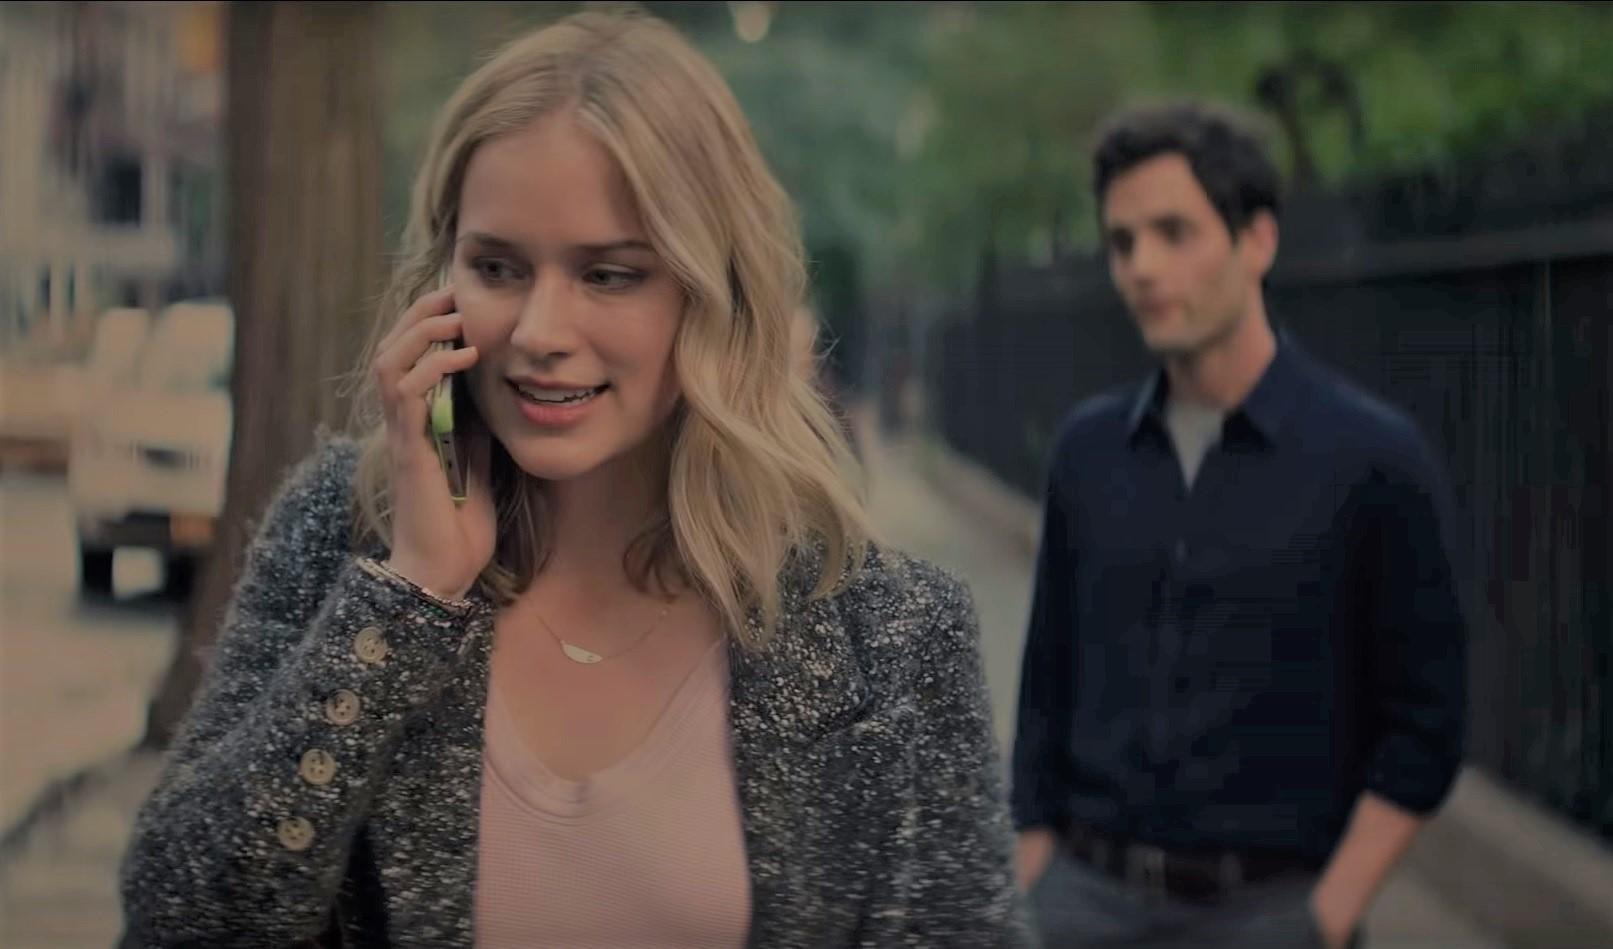 """""""You"""" es una serie transmitida por Netflix que narra la historia de un hombre que usa las redes sociales para invadir la privacidad de una mujer y manipularla. (Foto Prensa Libre: YouTube)"""